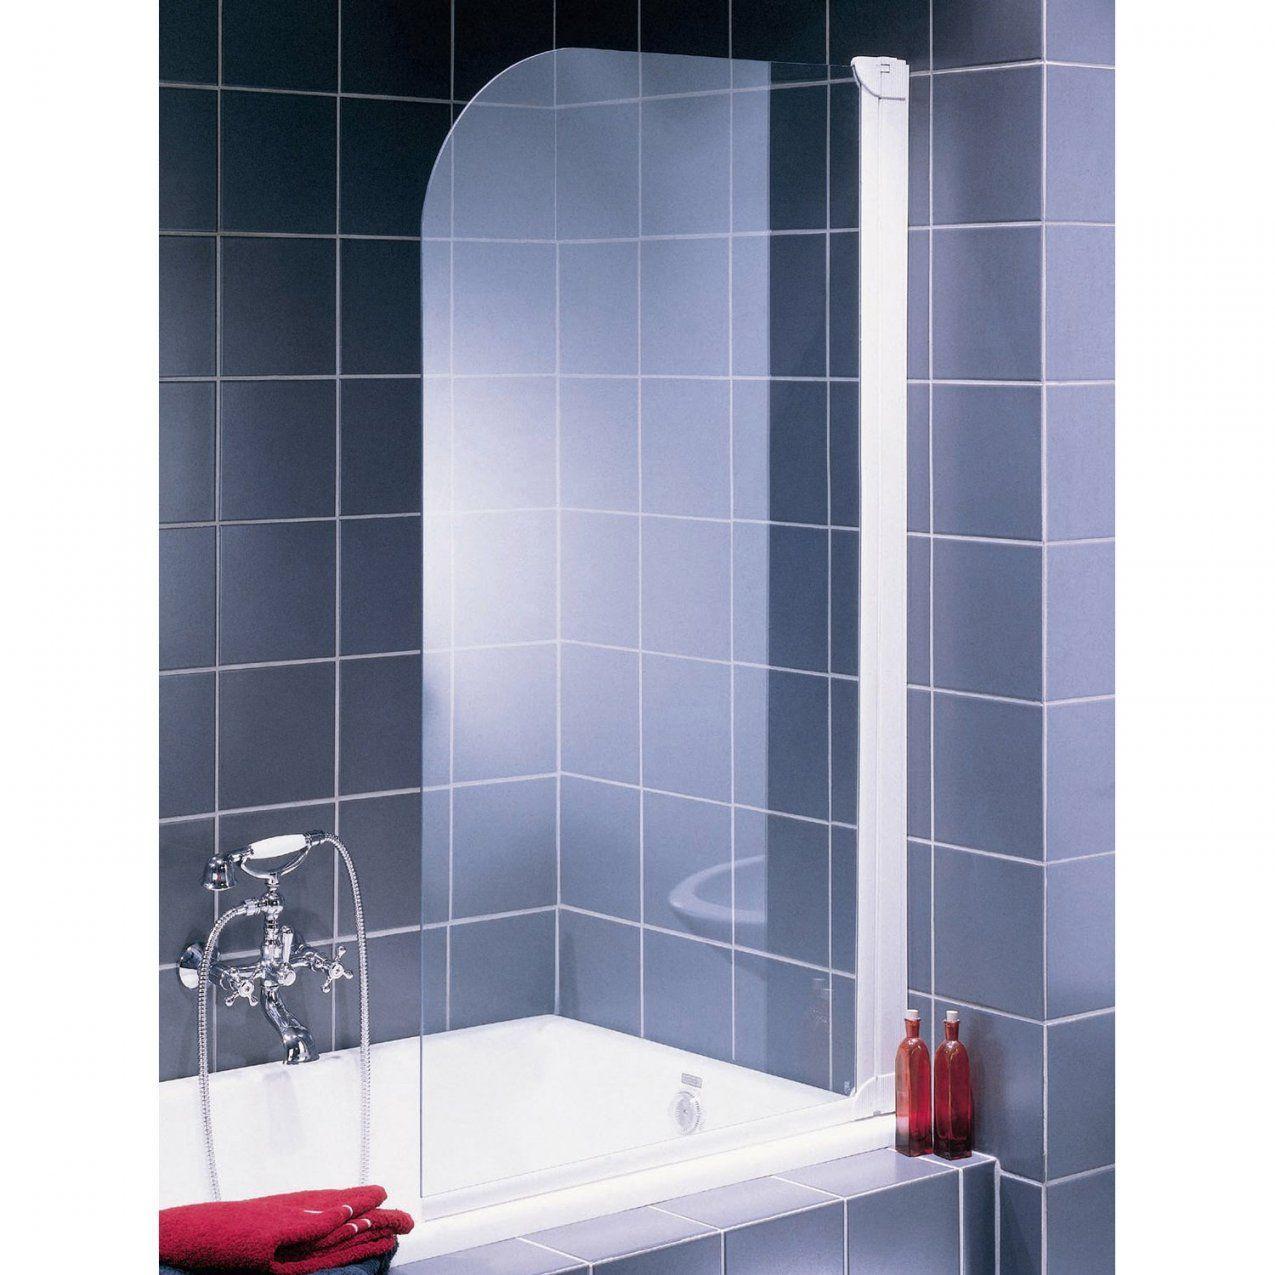 Duschwand Badewanne Mit Handtuchhalter Bathtub Bathroom